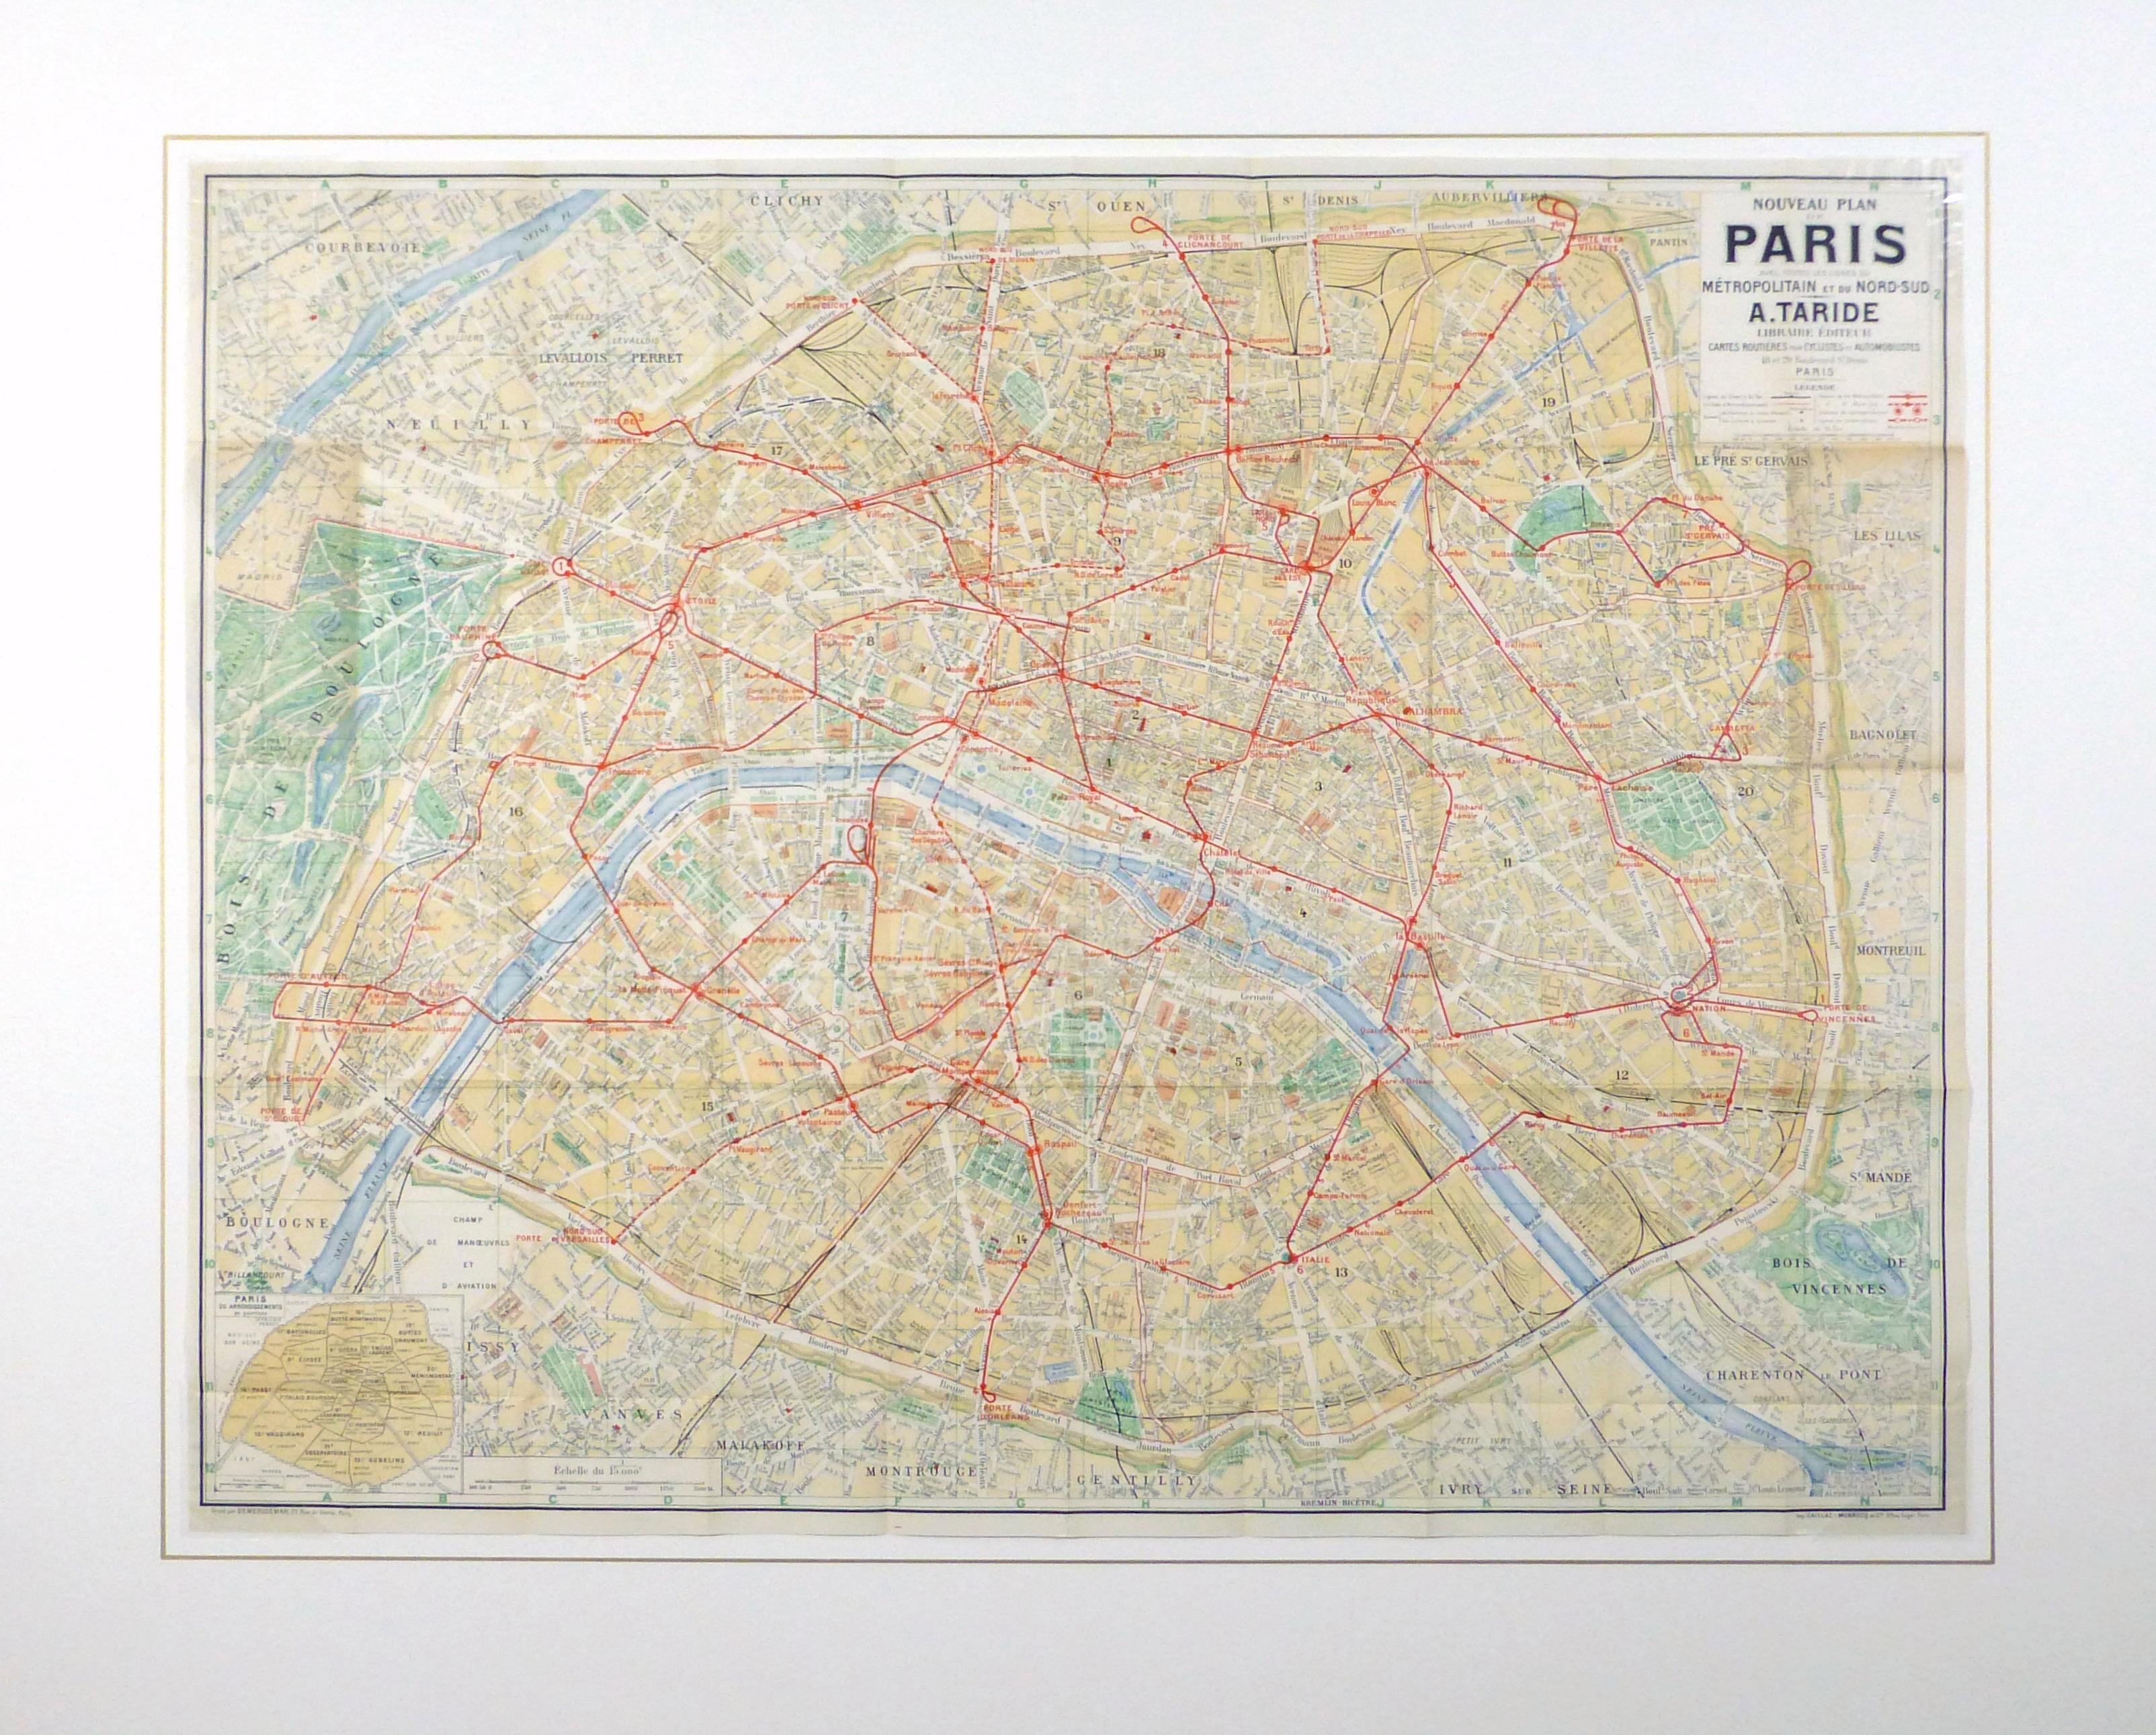 Paris Metro Map, C. 1910-matted-9622K